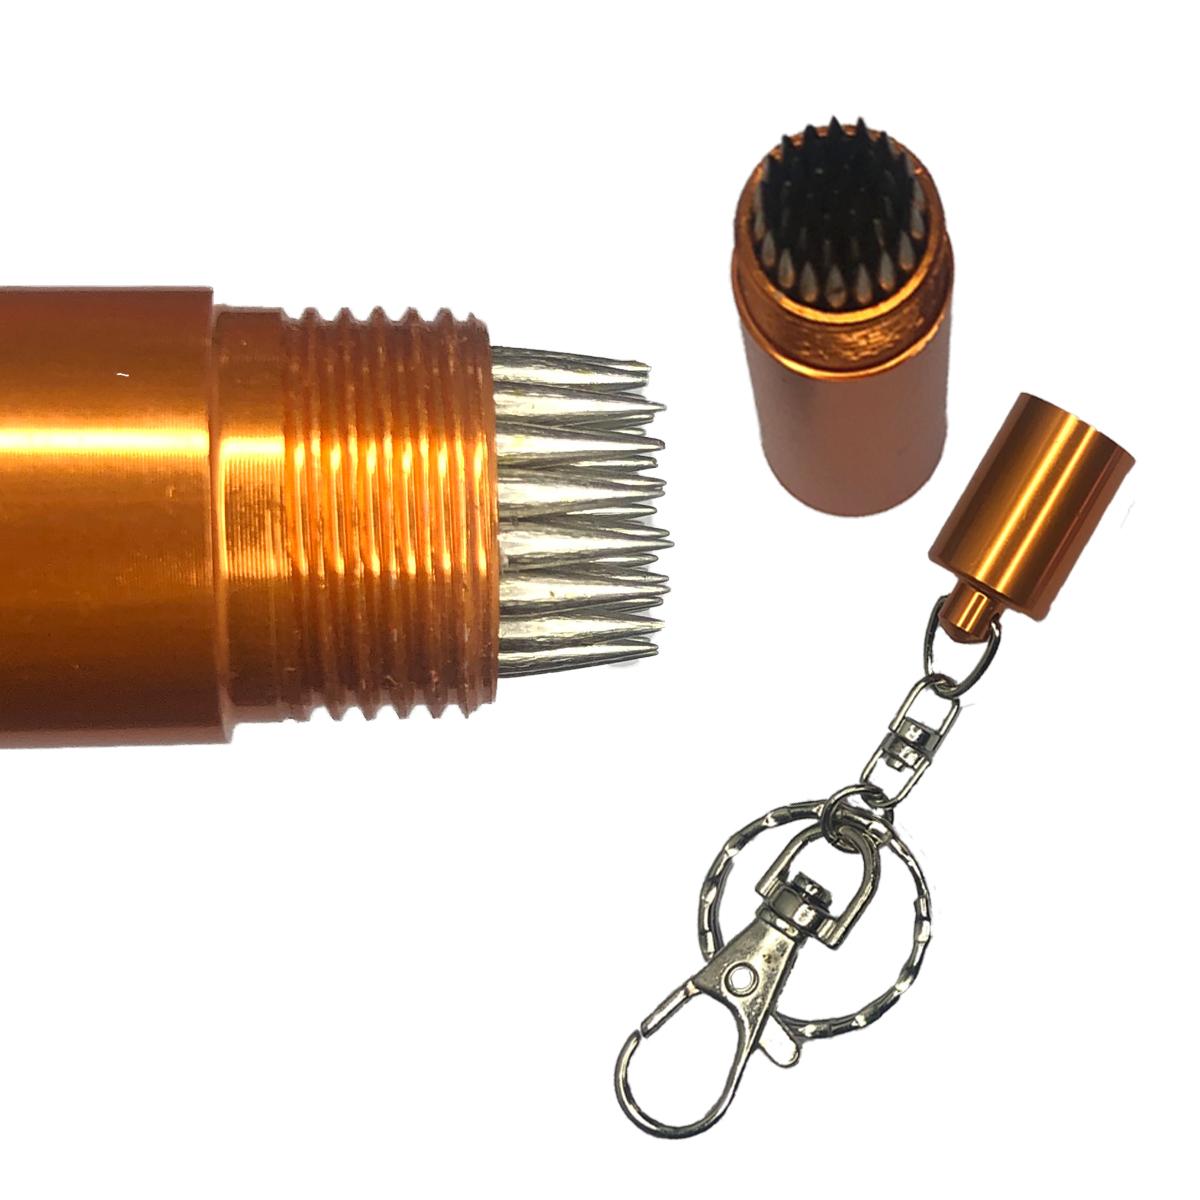 Billiard Pool Cue Tip Repair Tool Shaper Scuffer Tip Aerator Needle Metal